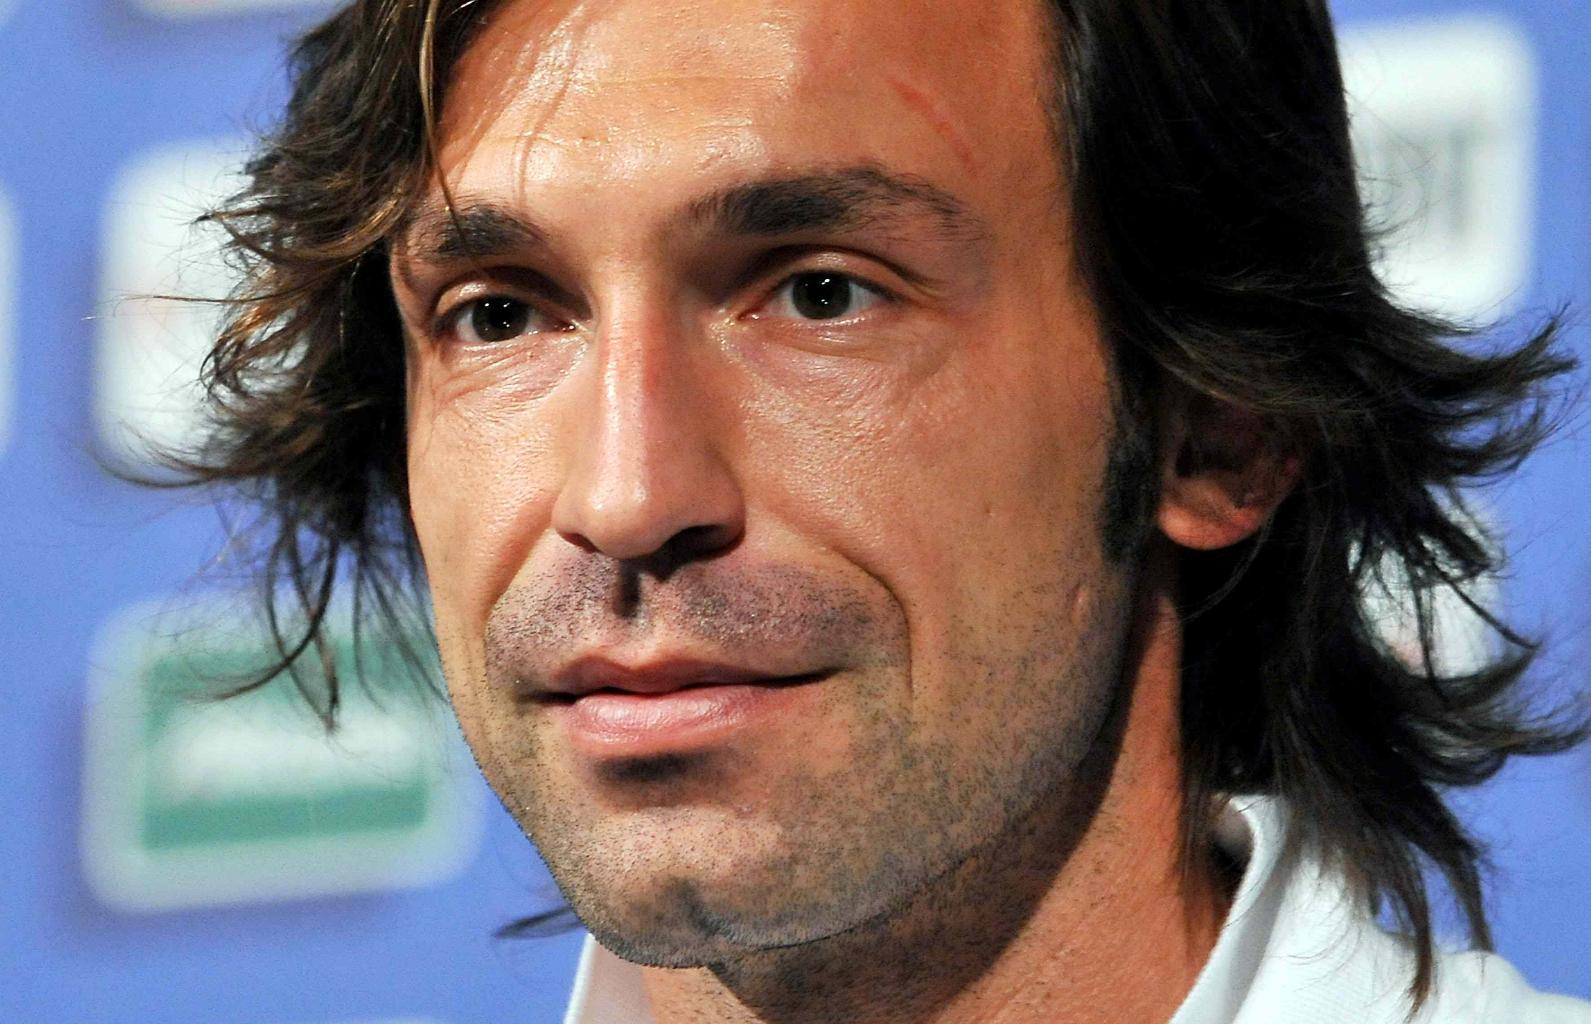 CRACOVIA (POLONIA), 26/06/2012 EURO 2012 - ITALIA/CONFERENZA STAMPA PIRLO NELLA FOTO ANDREA PIRLO. FOTO SIMONE ARVEDA/PEGASO NEWSPORT/INFOPHOTO